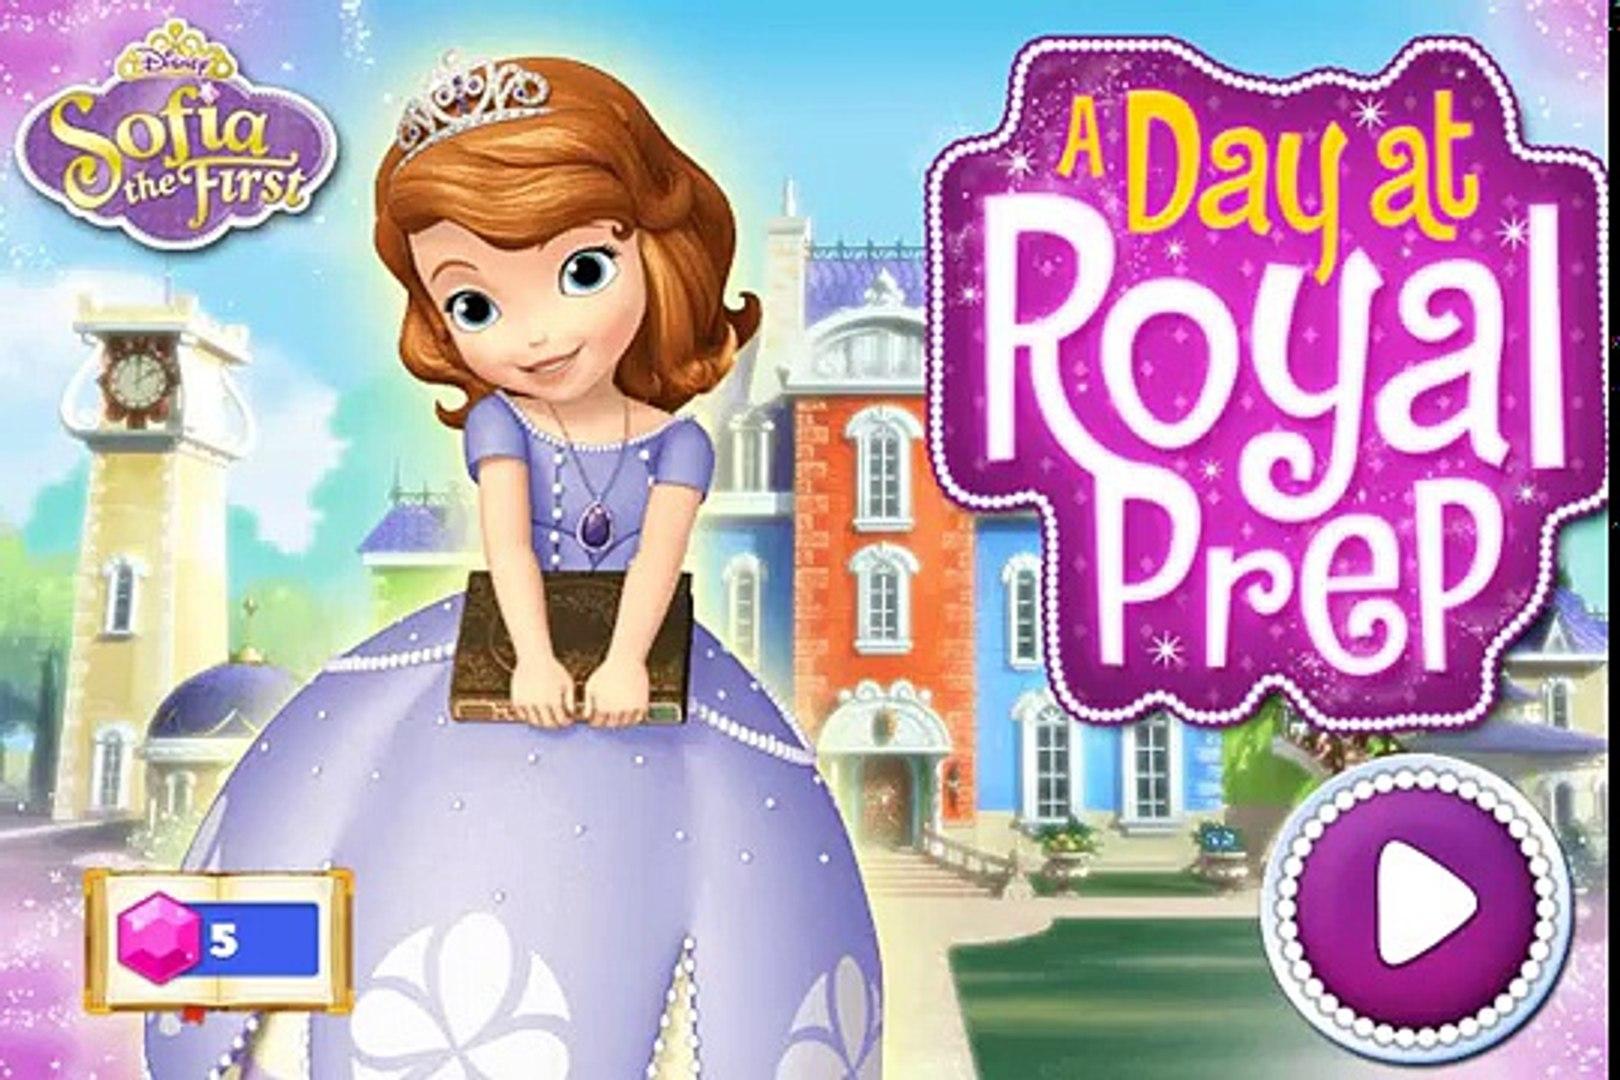 Sofia the First - A Day at Royal Prep/София Прекрасная - День в Королевской школе